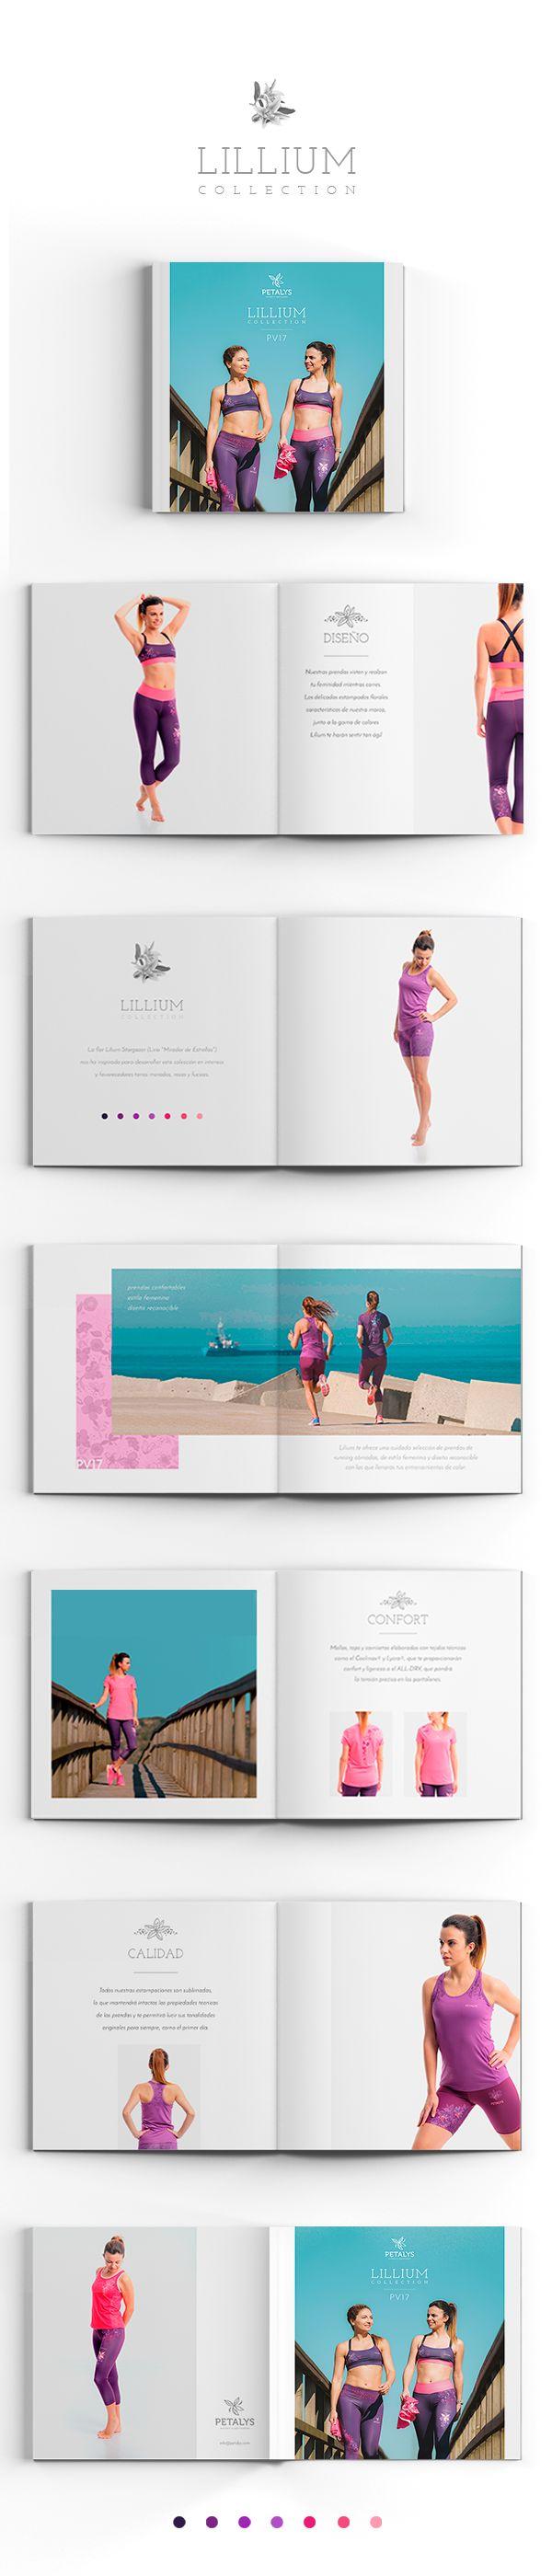 Catálogo - lookbook de la Colección LILIUM de Petalys, compuesta por una cuidada selección de prendas cómodas para #correr, de estilo femenino y diseño reconocible con las que llenarás tus entrenamientos de color. Colección de ropa de #running para mujeres.